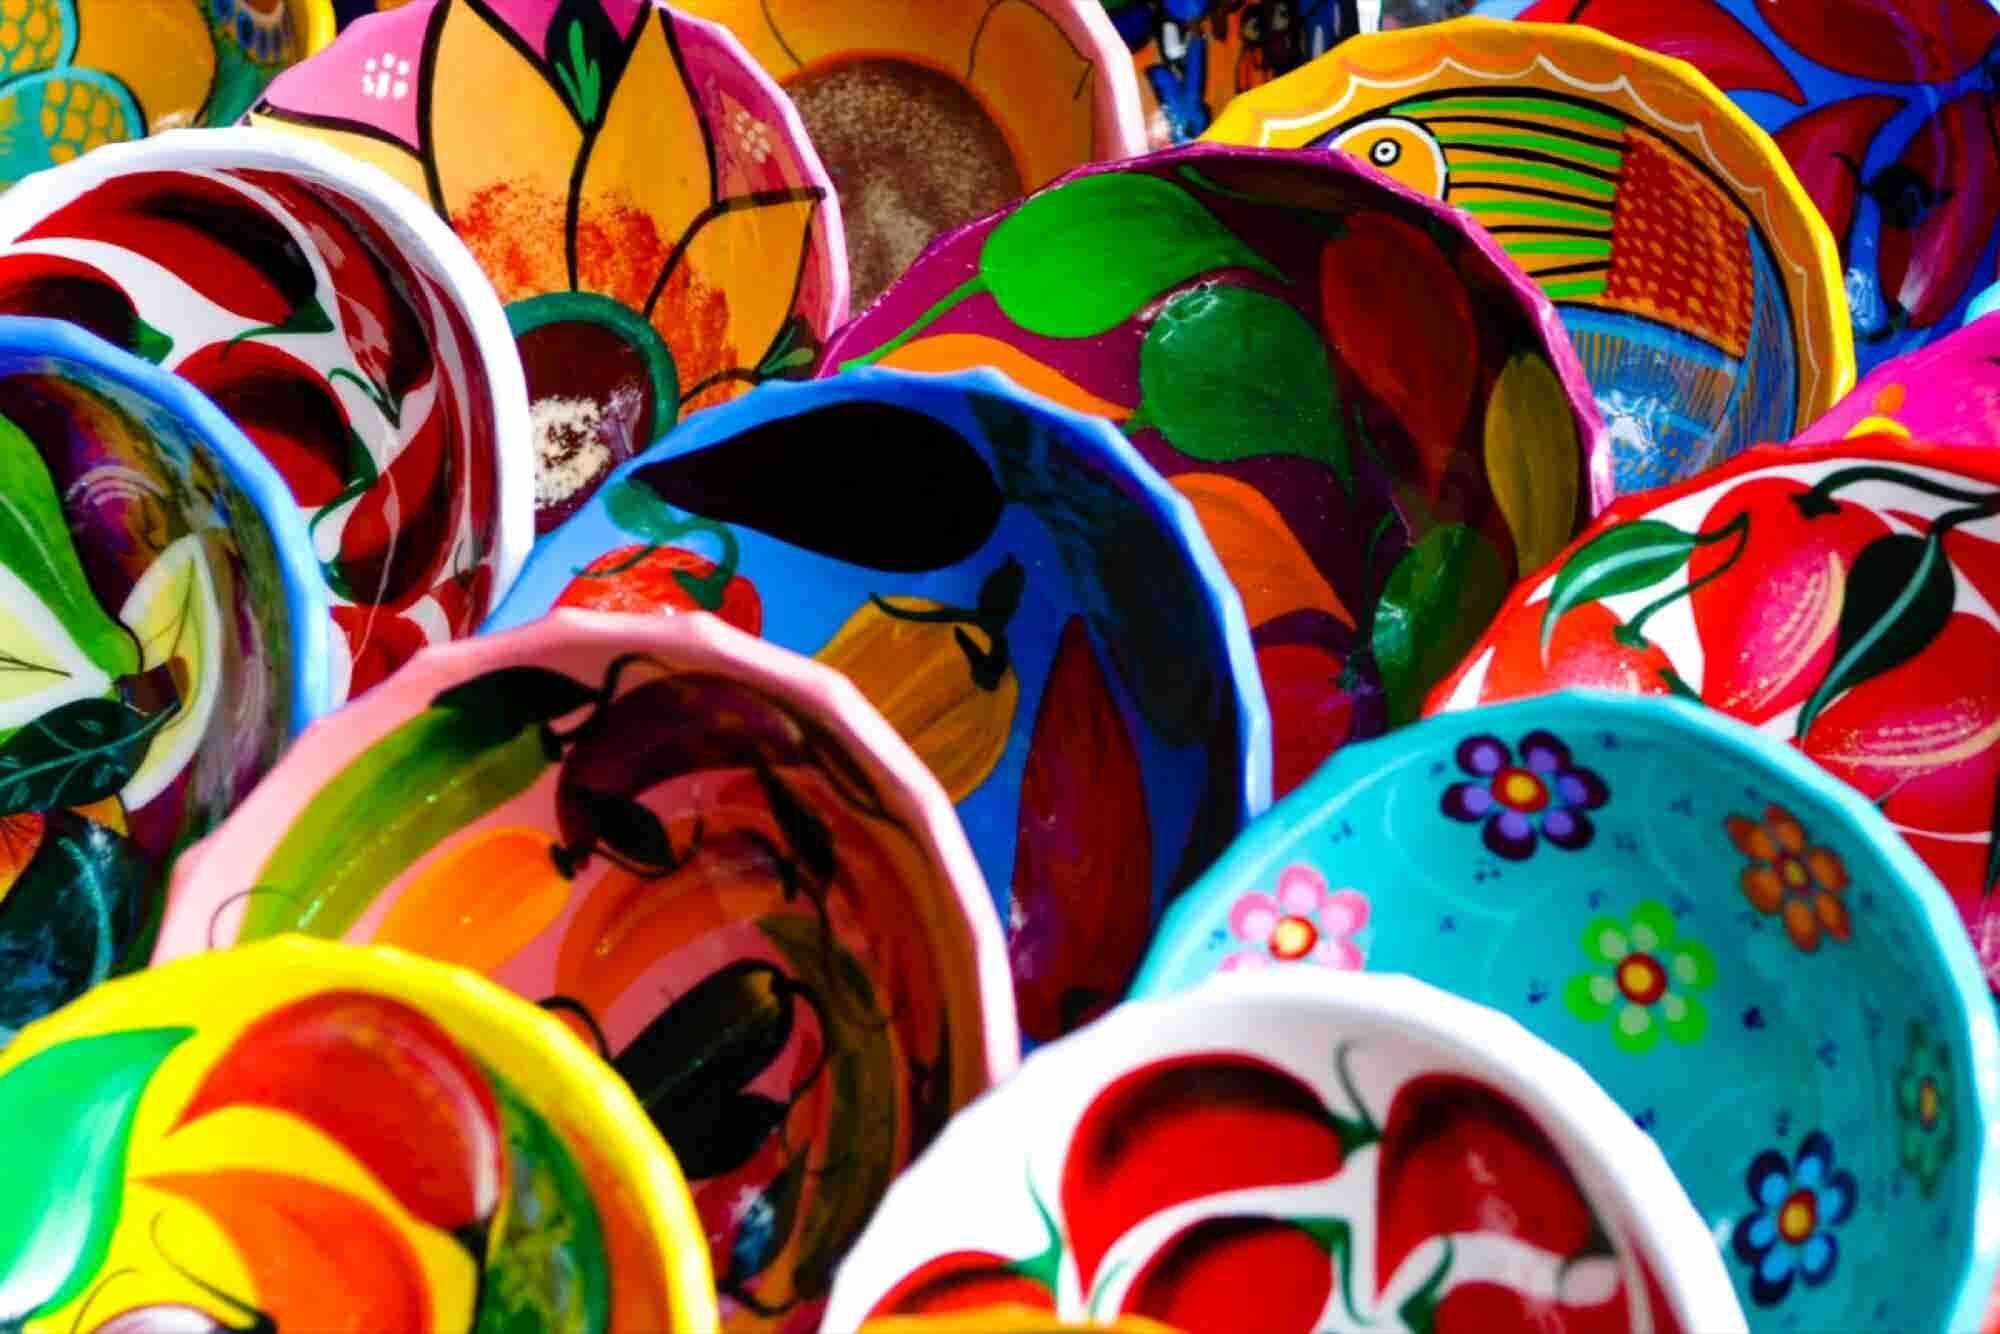 Empresas que están revalorando el mercado artesanal mexicano